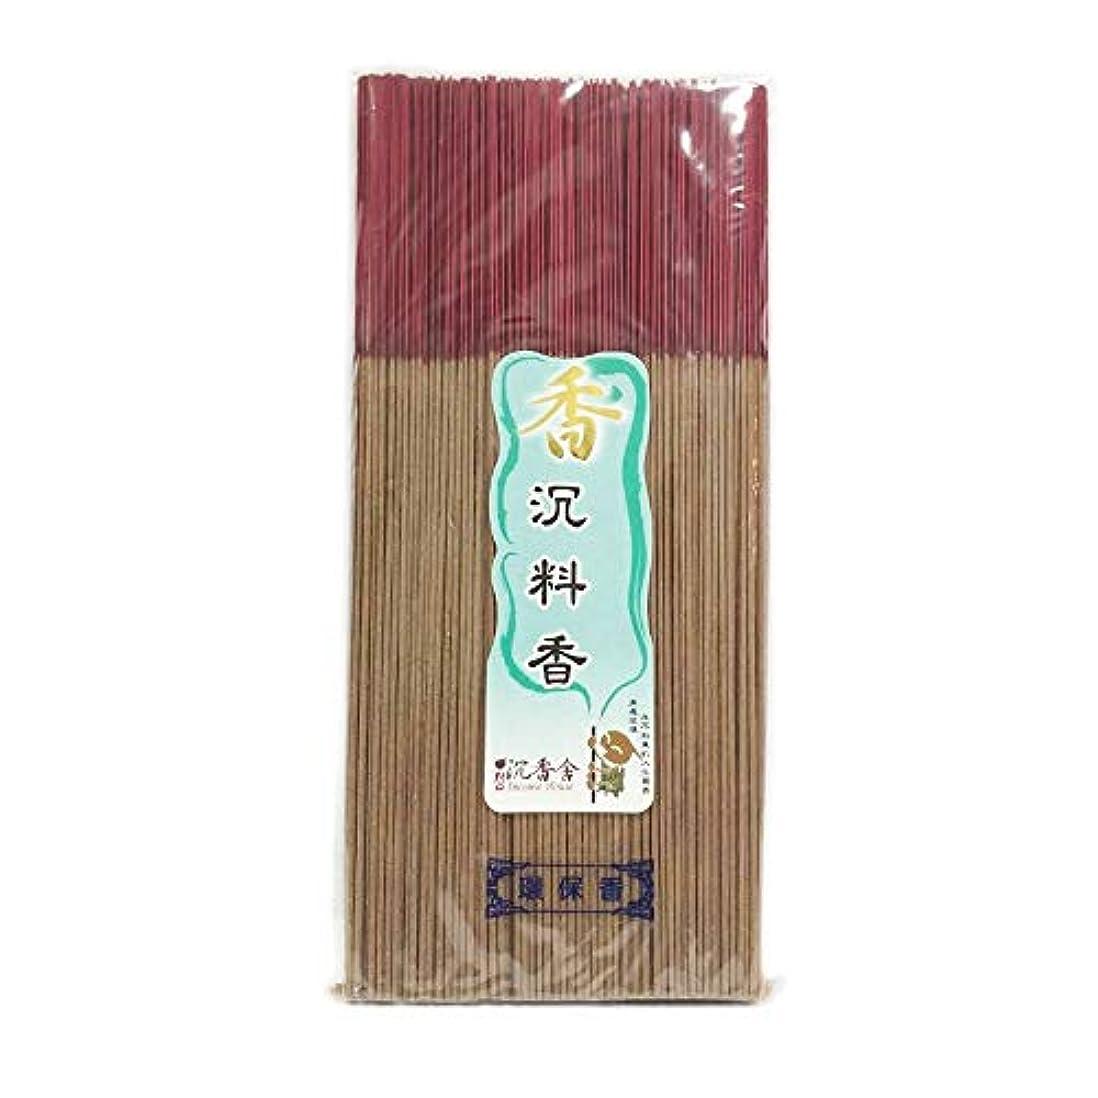 スローガンマークダウン活力伝統的 中国風 薬味 ジョス お香スティック 300g 台湾 お香 家 宗教的 仏陀用 約400本 30cm